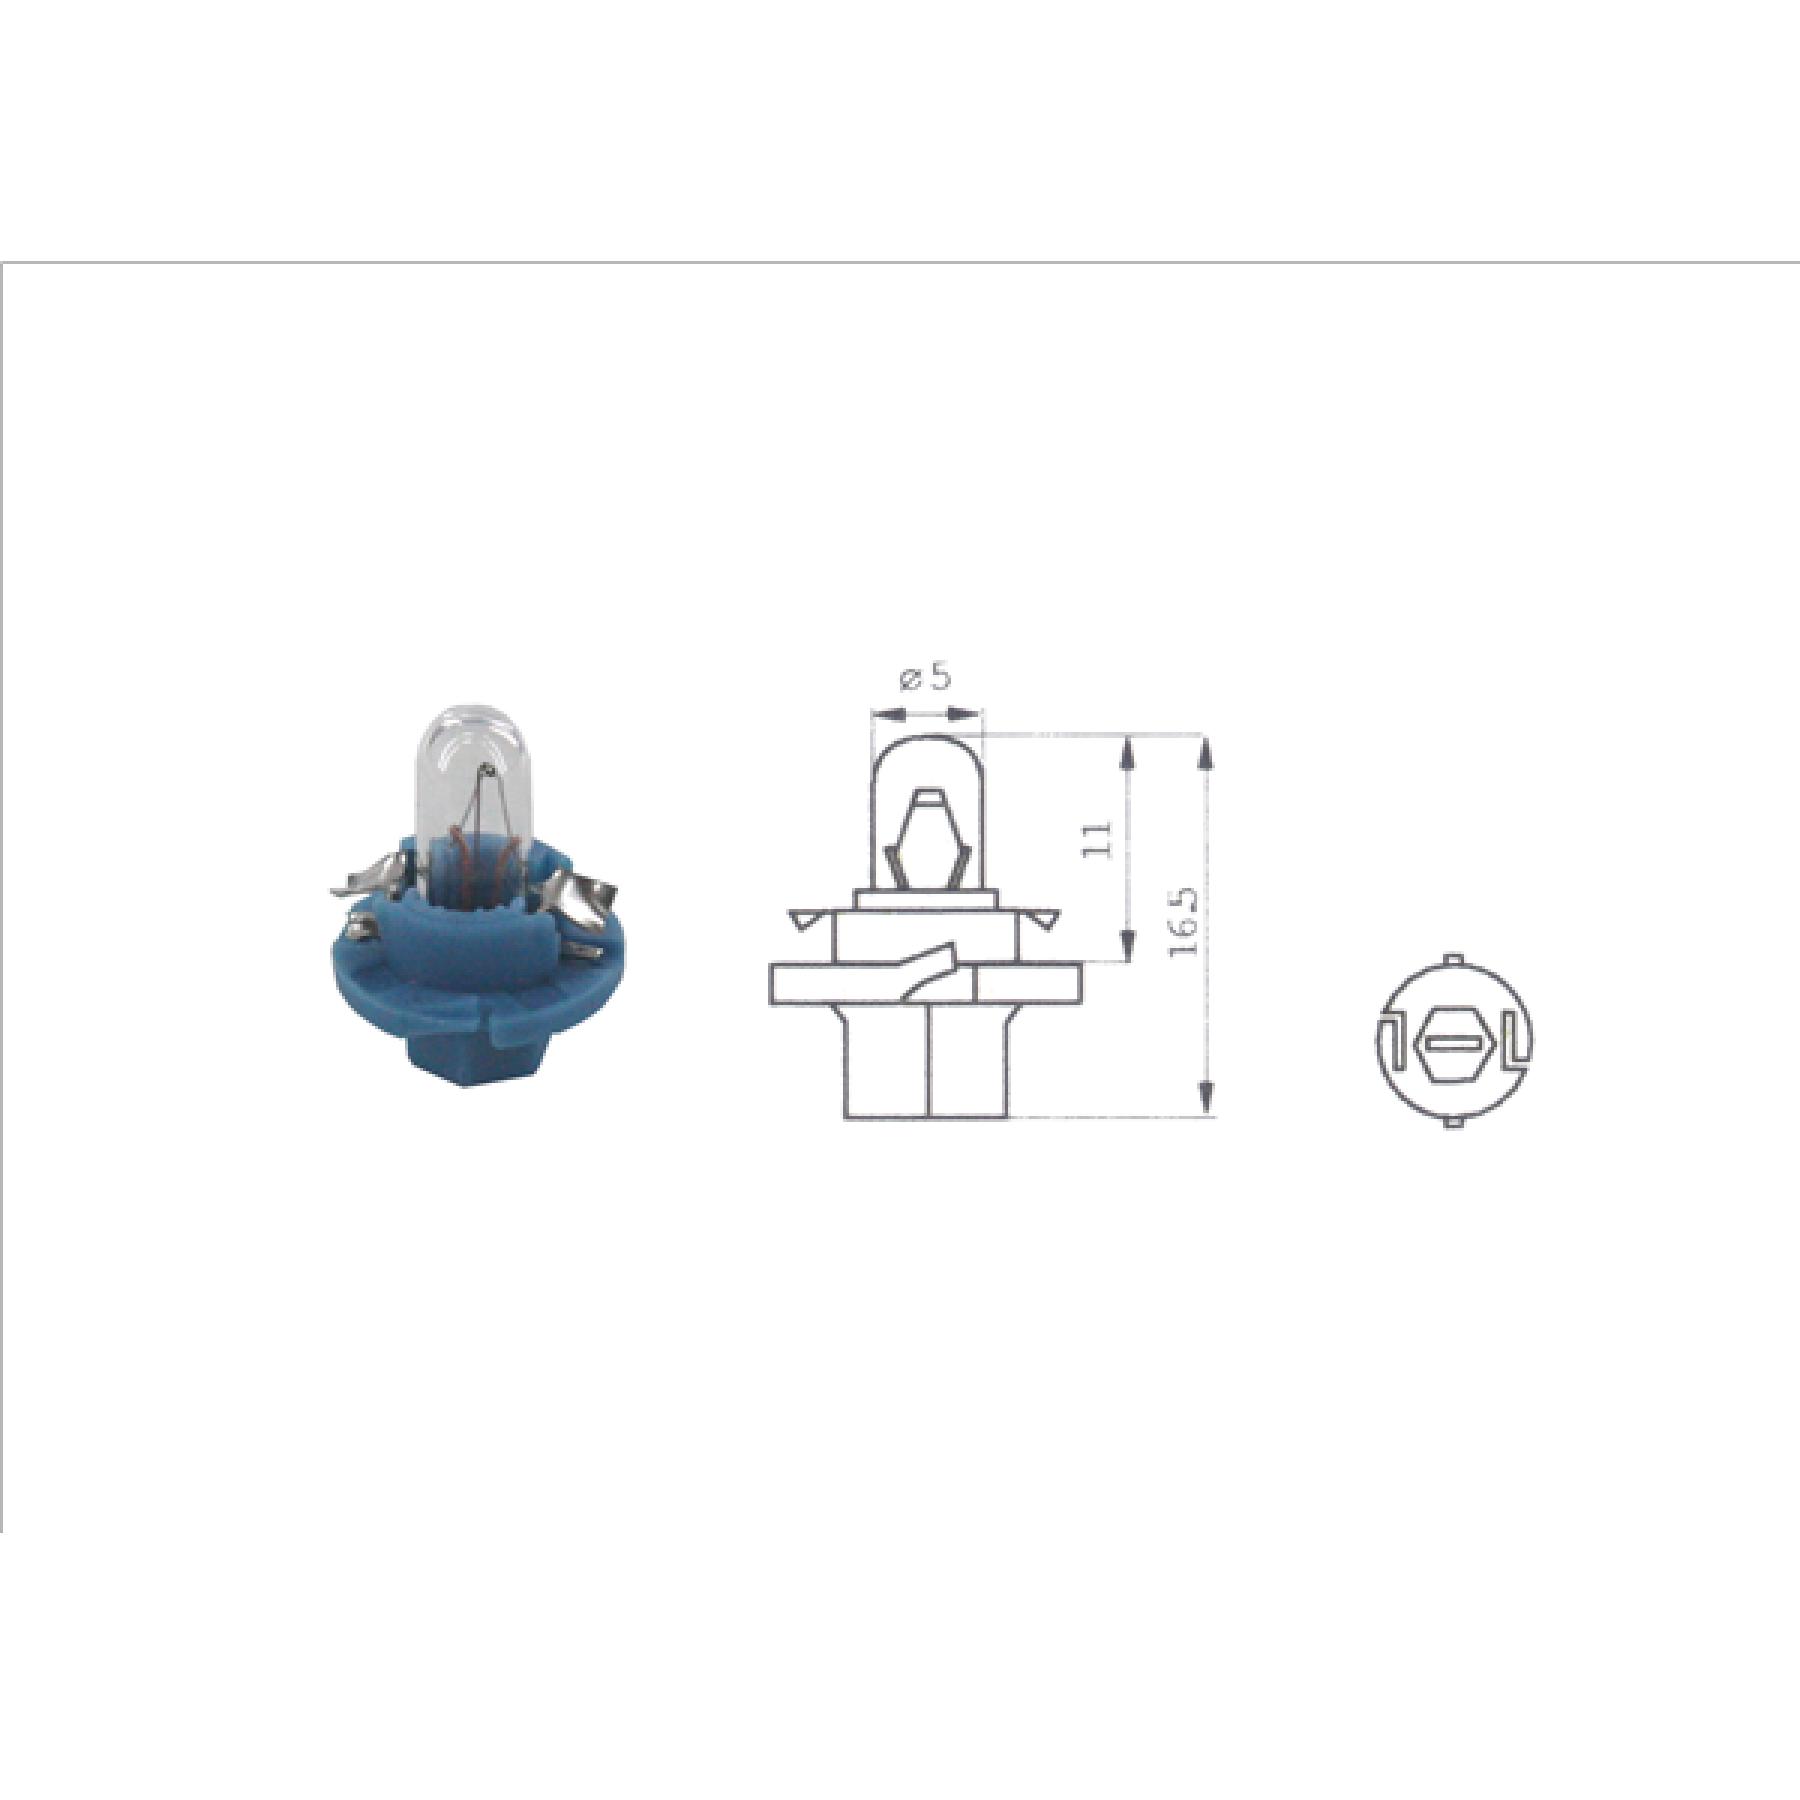 Lamp 12V 1.8W Blauw BX8.4D kunststof fitting